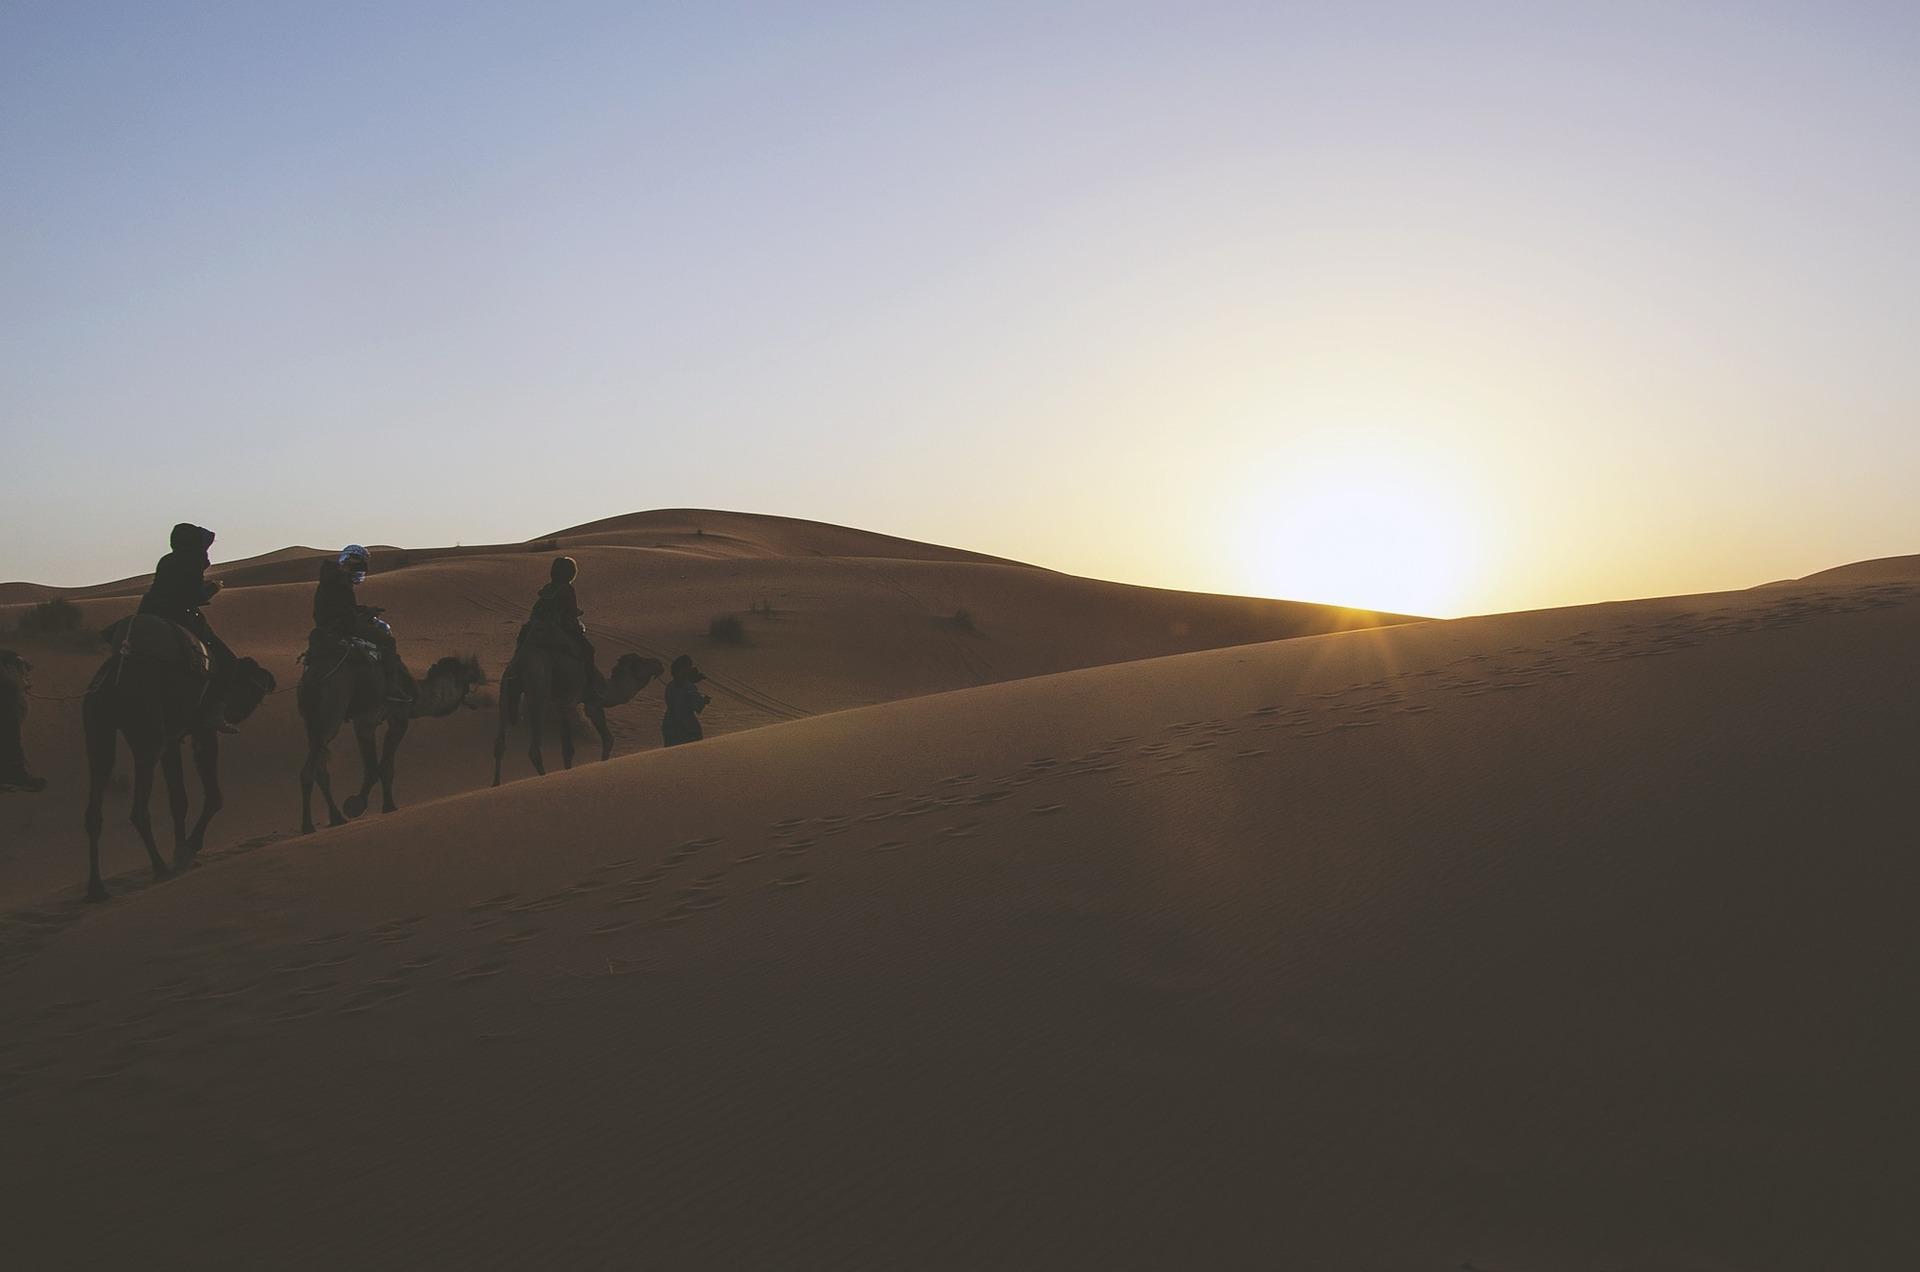 desert-690160_1920.jpg